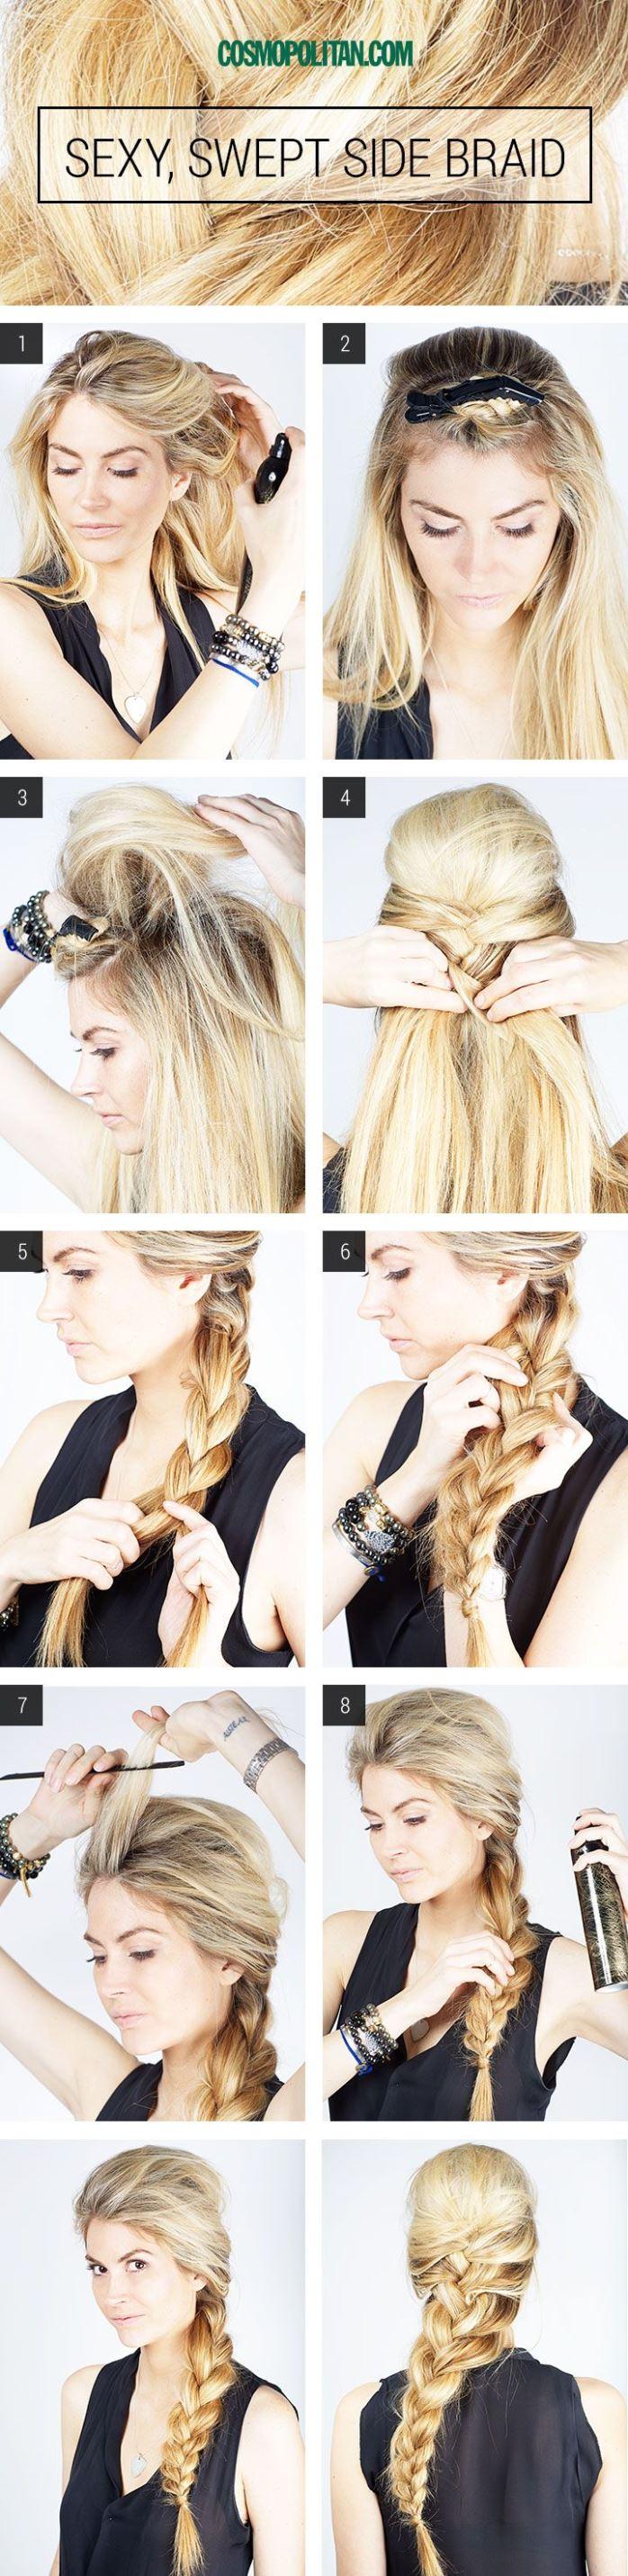 Причёска на каждый день на средние волосы своими руками косы